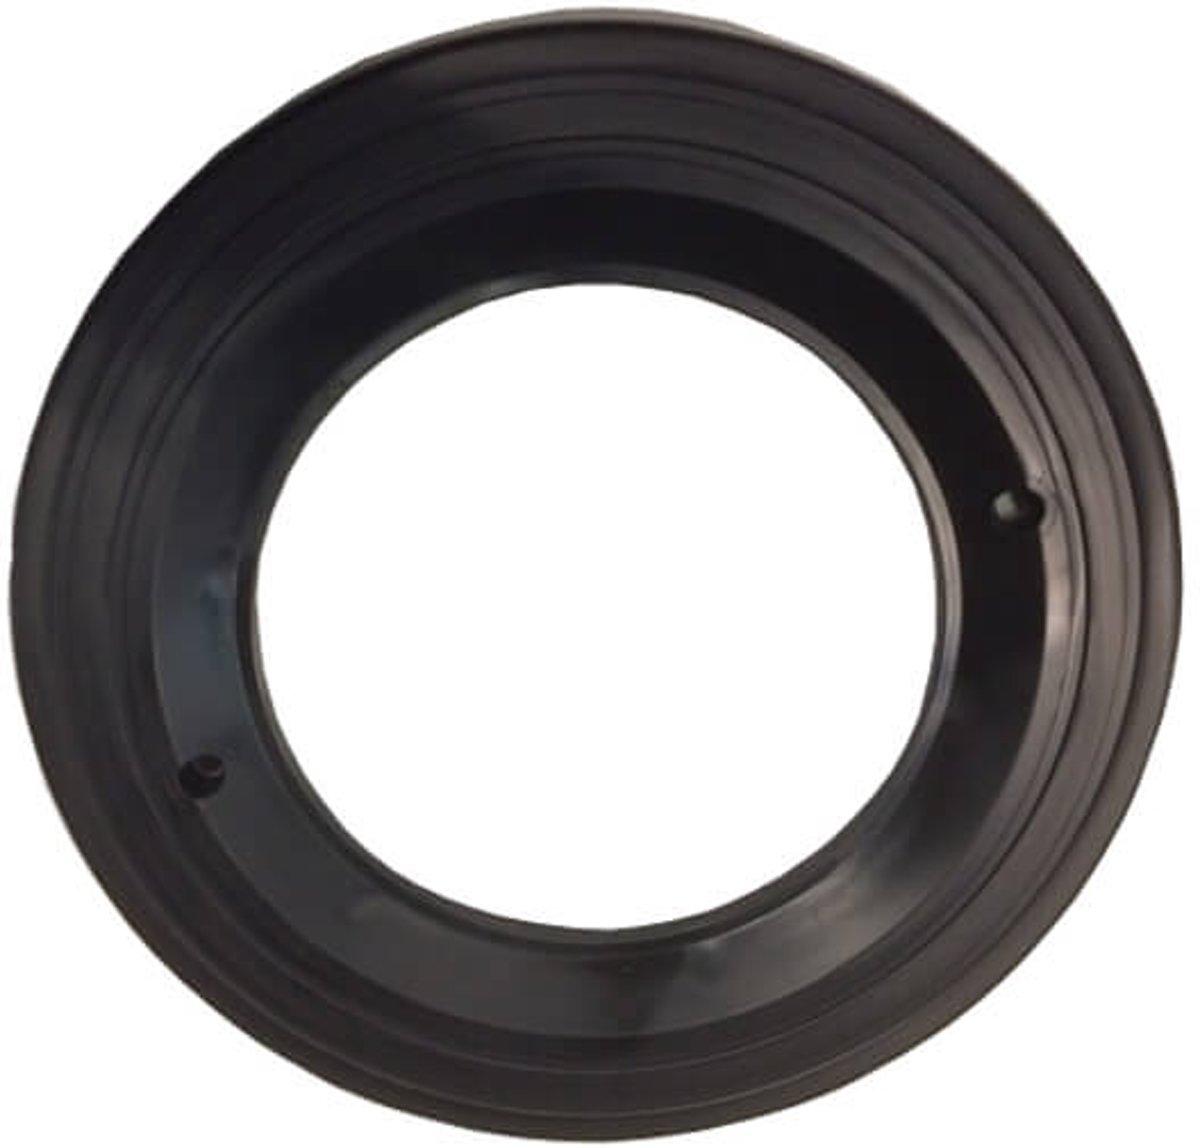 Zwarte ring voor PAR 56 behuizing